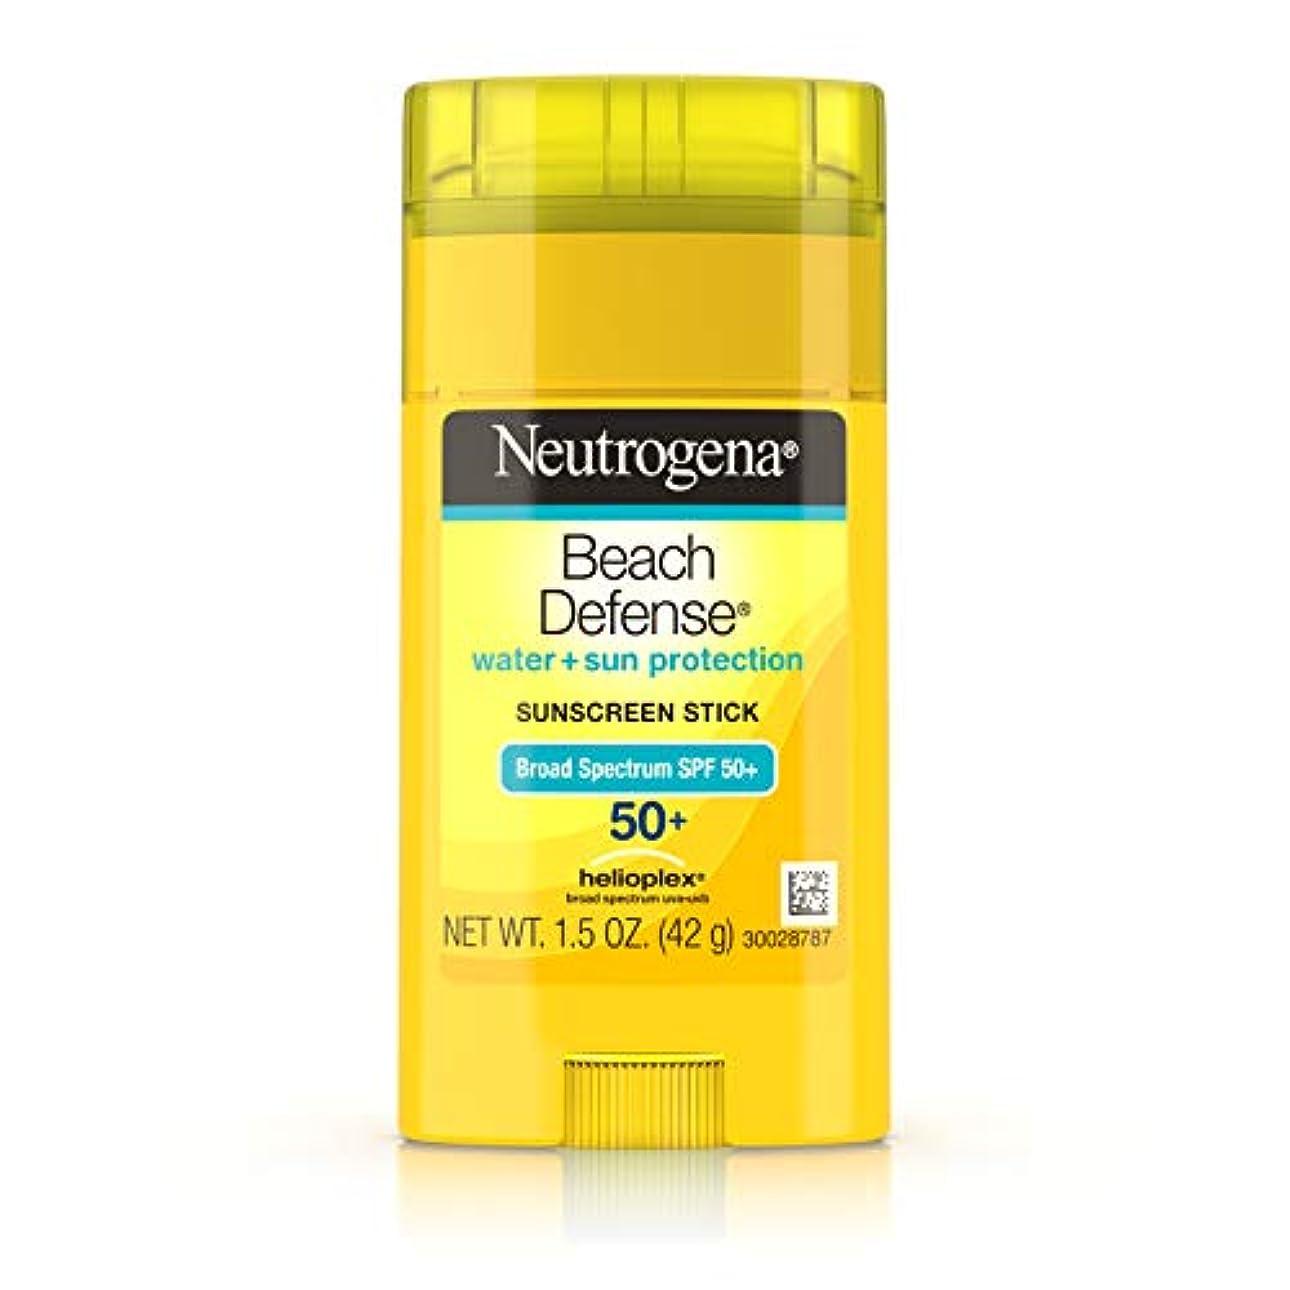 詐欺宣言する効率的Neutrogena Sunscreen Beach Defense Sunblock Stick SPF 50, 1.5 Ounce